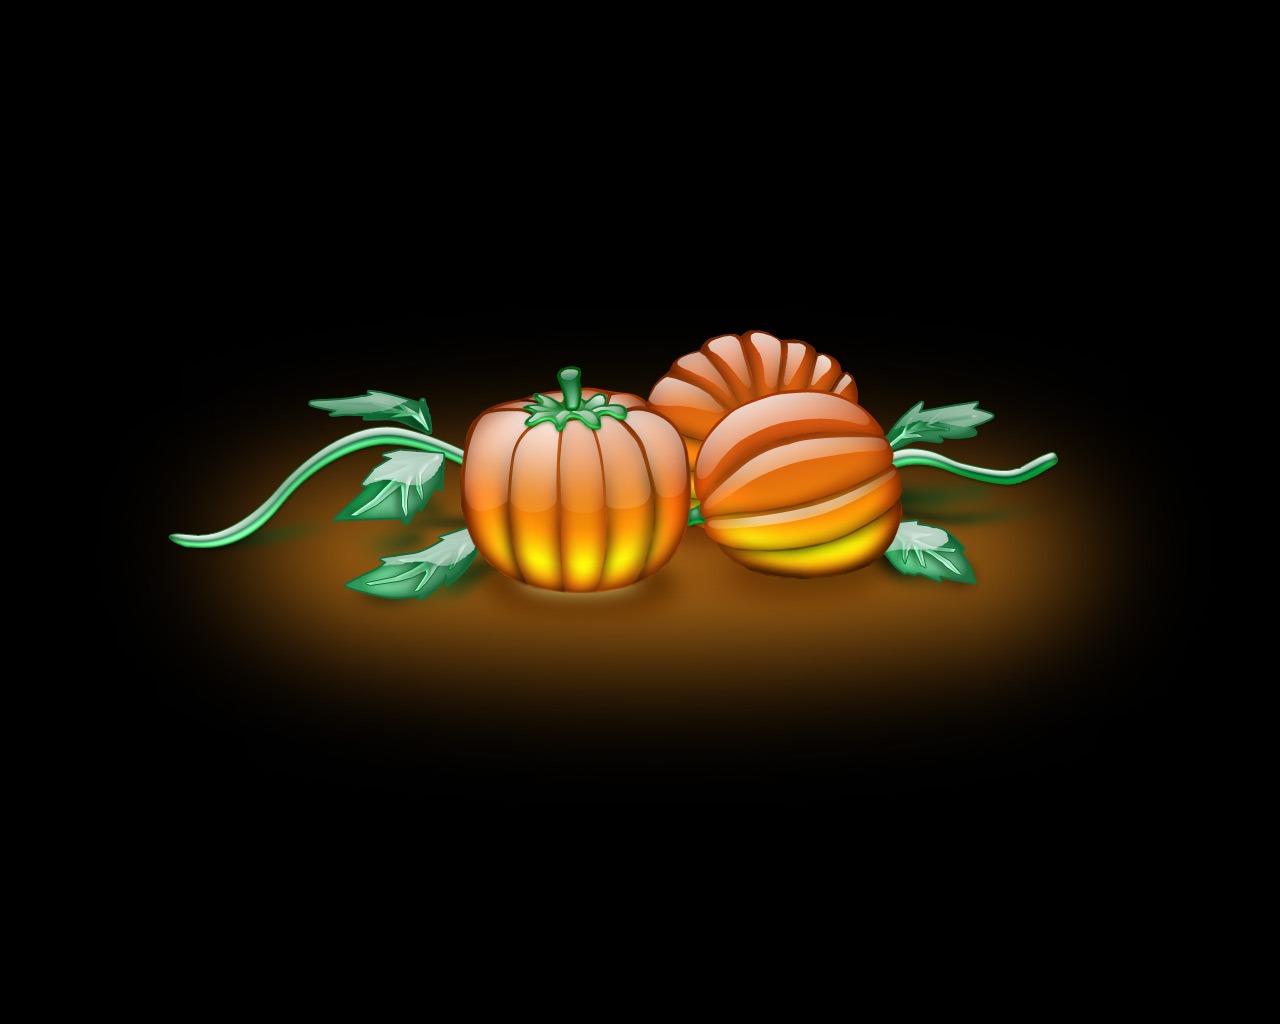 3d pumpkin wallpaper - photo #15